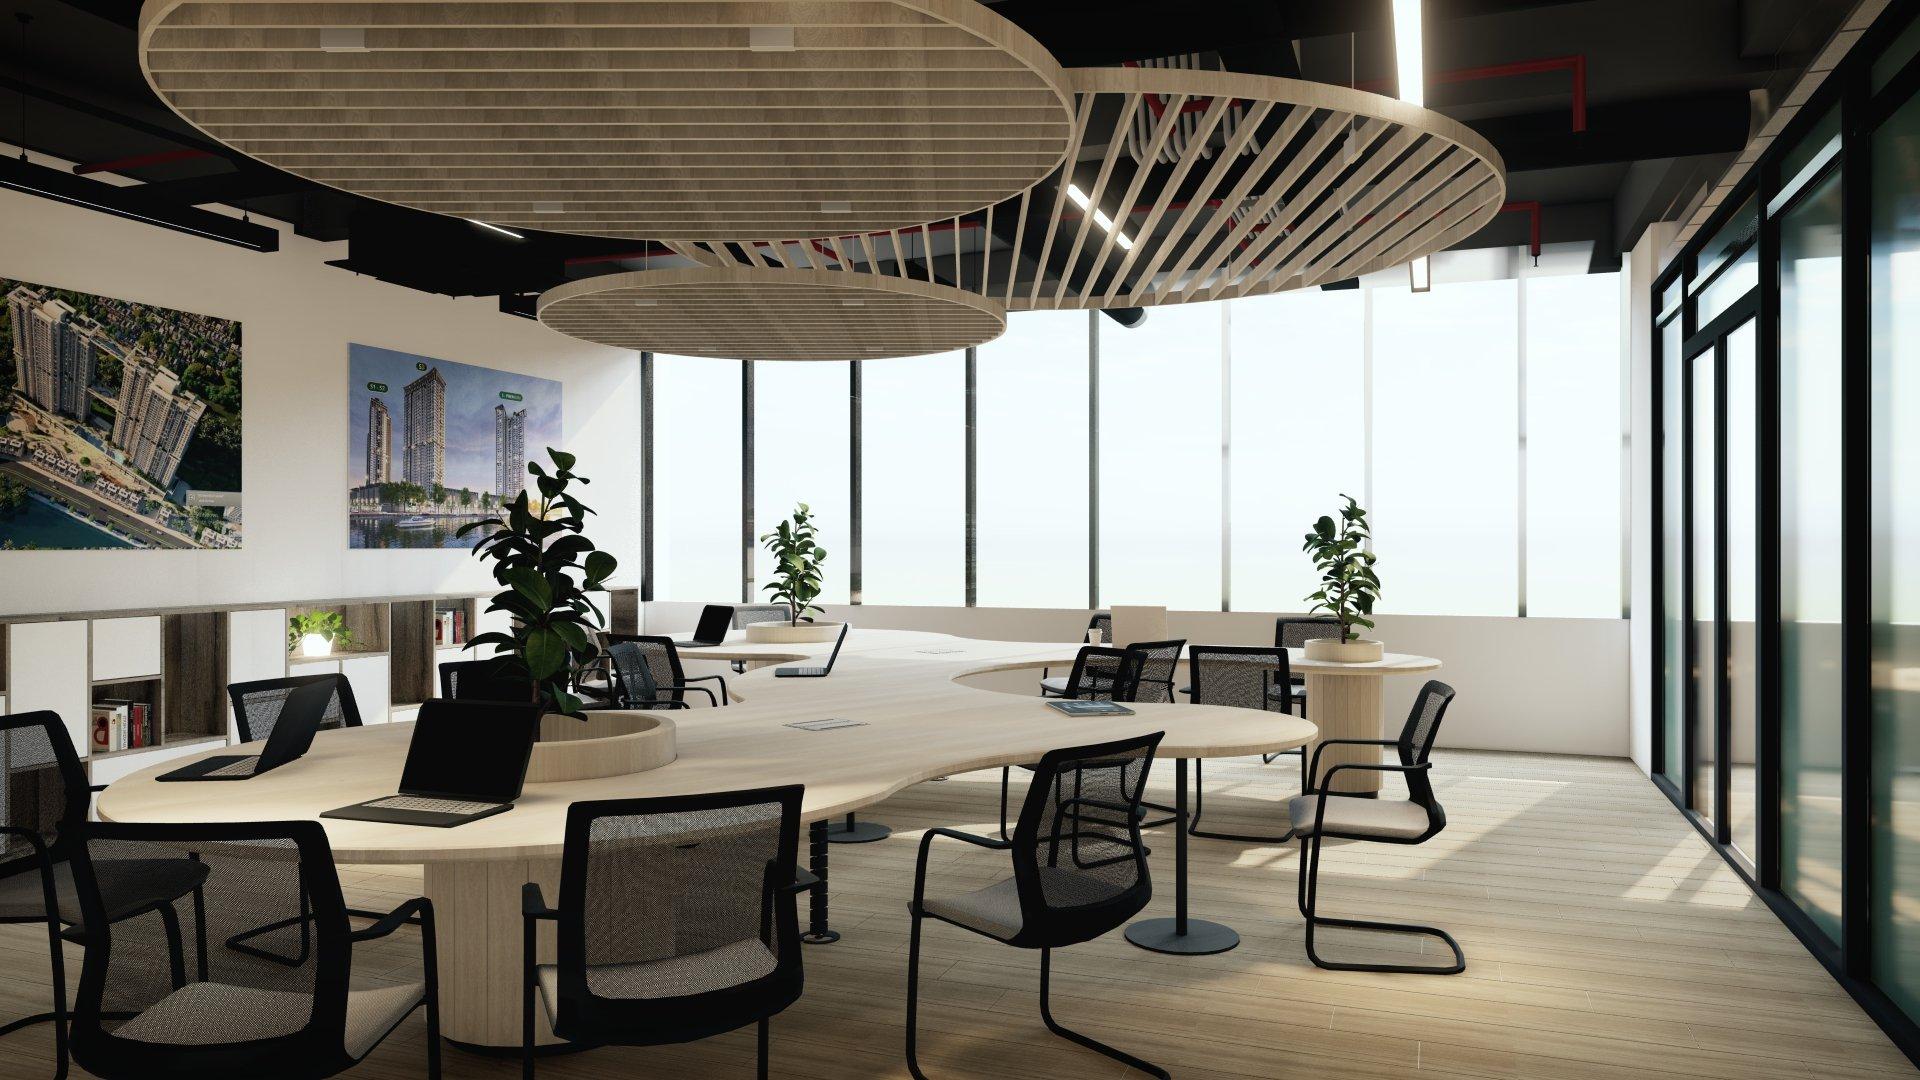 Văn phòng làm việc hiện đại, tiện nghi của Titan tại 15A Marina Arc